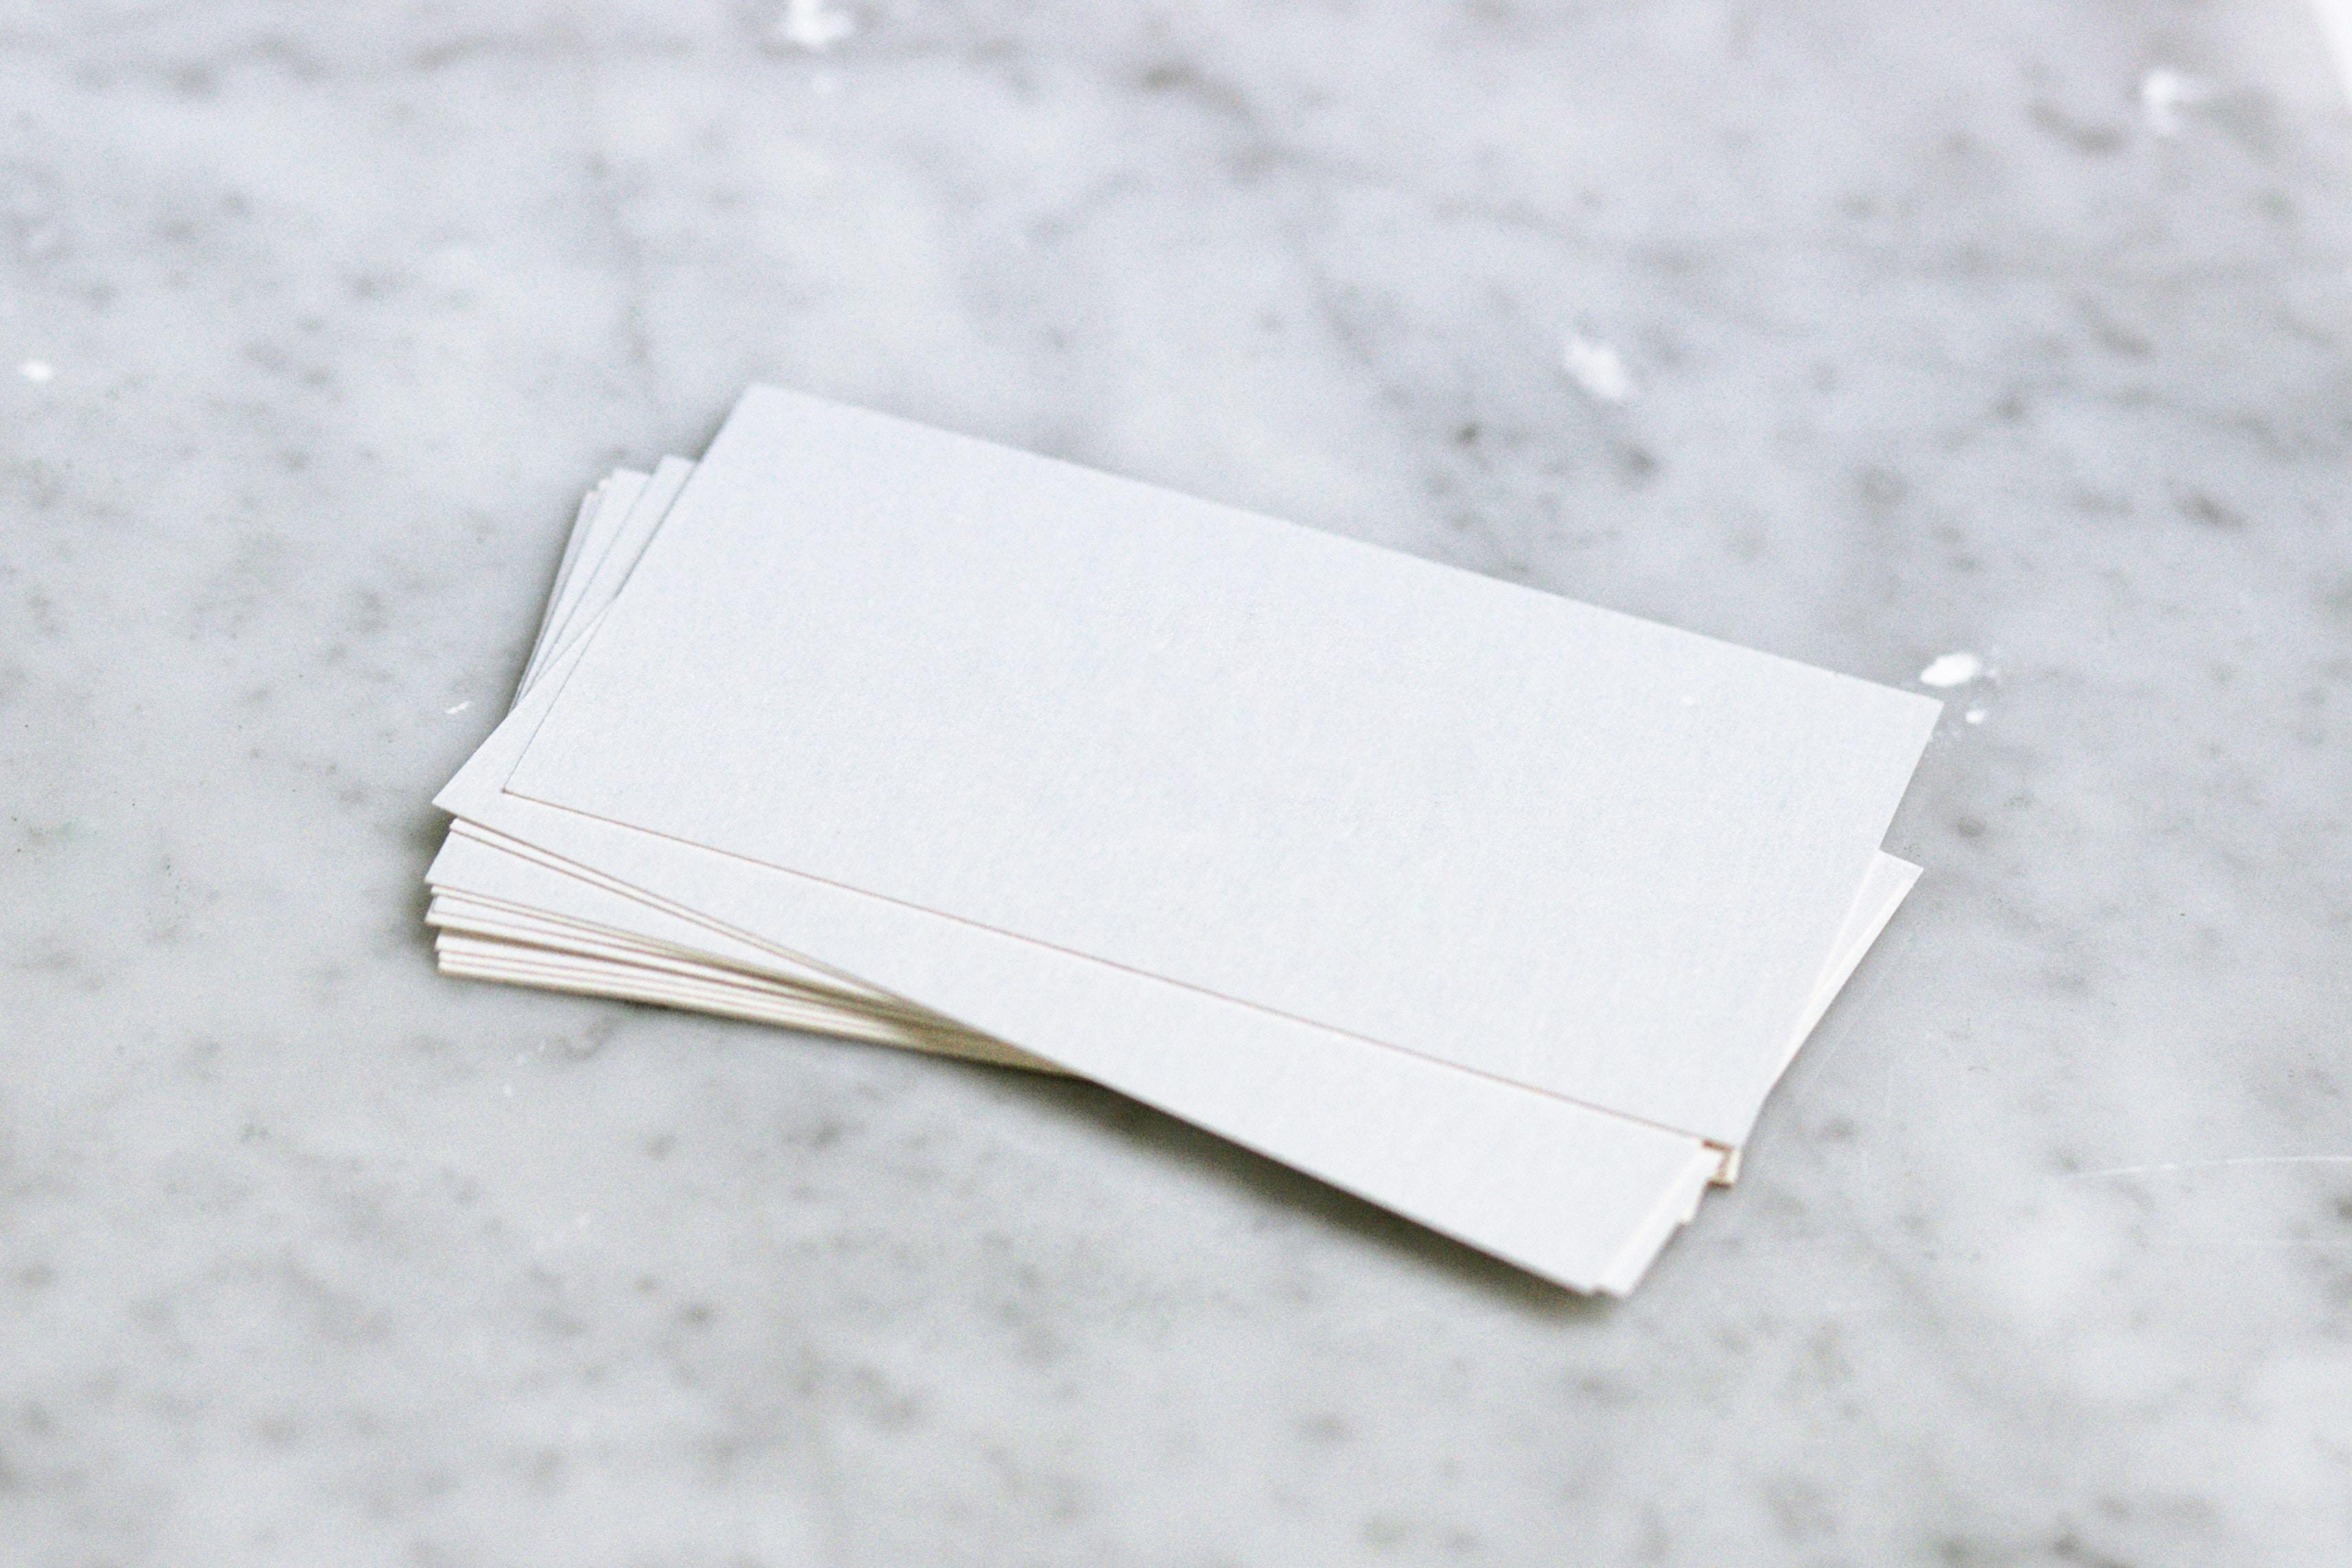 卡片:一張卡片上只寫一個單字,而且字體要「斗大」。 - 【準備托福必勝機經】知己知彼百戰不殆1